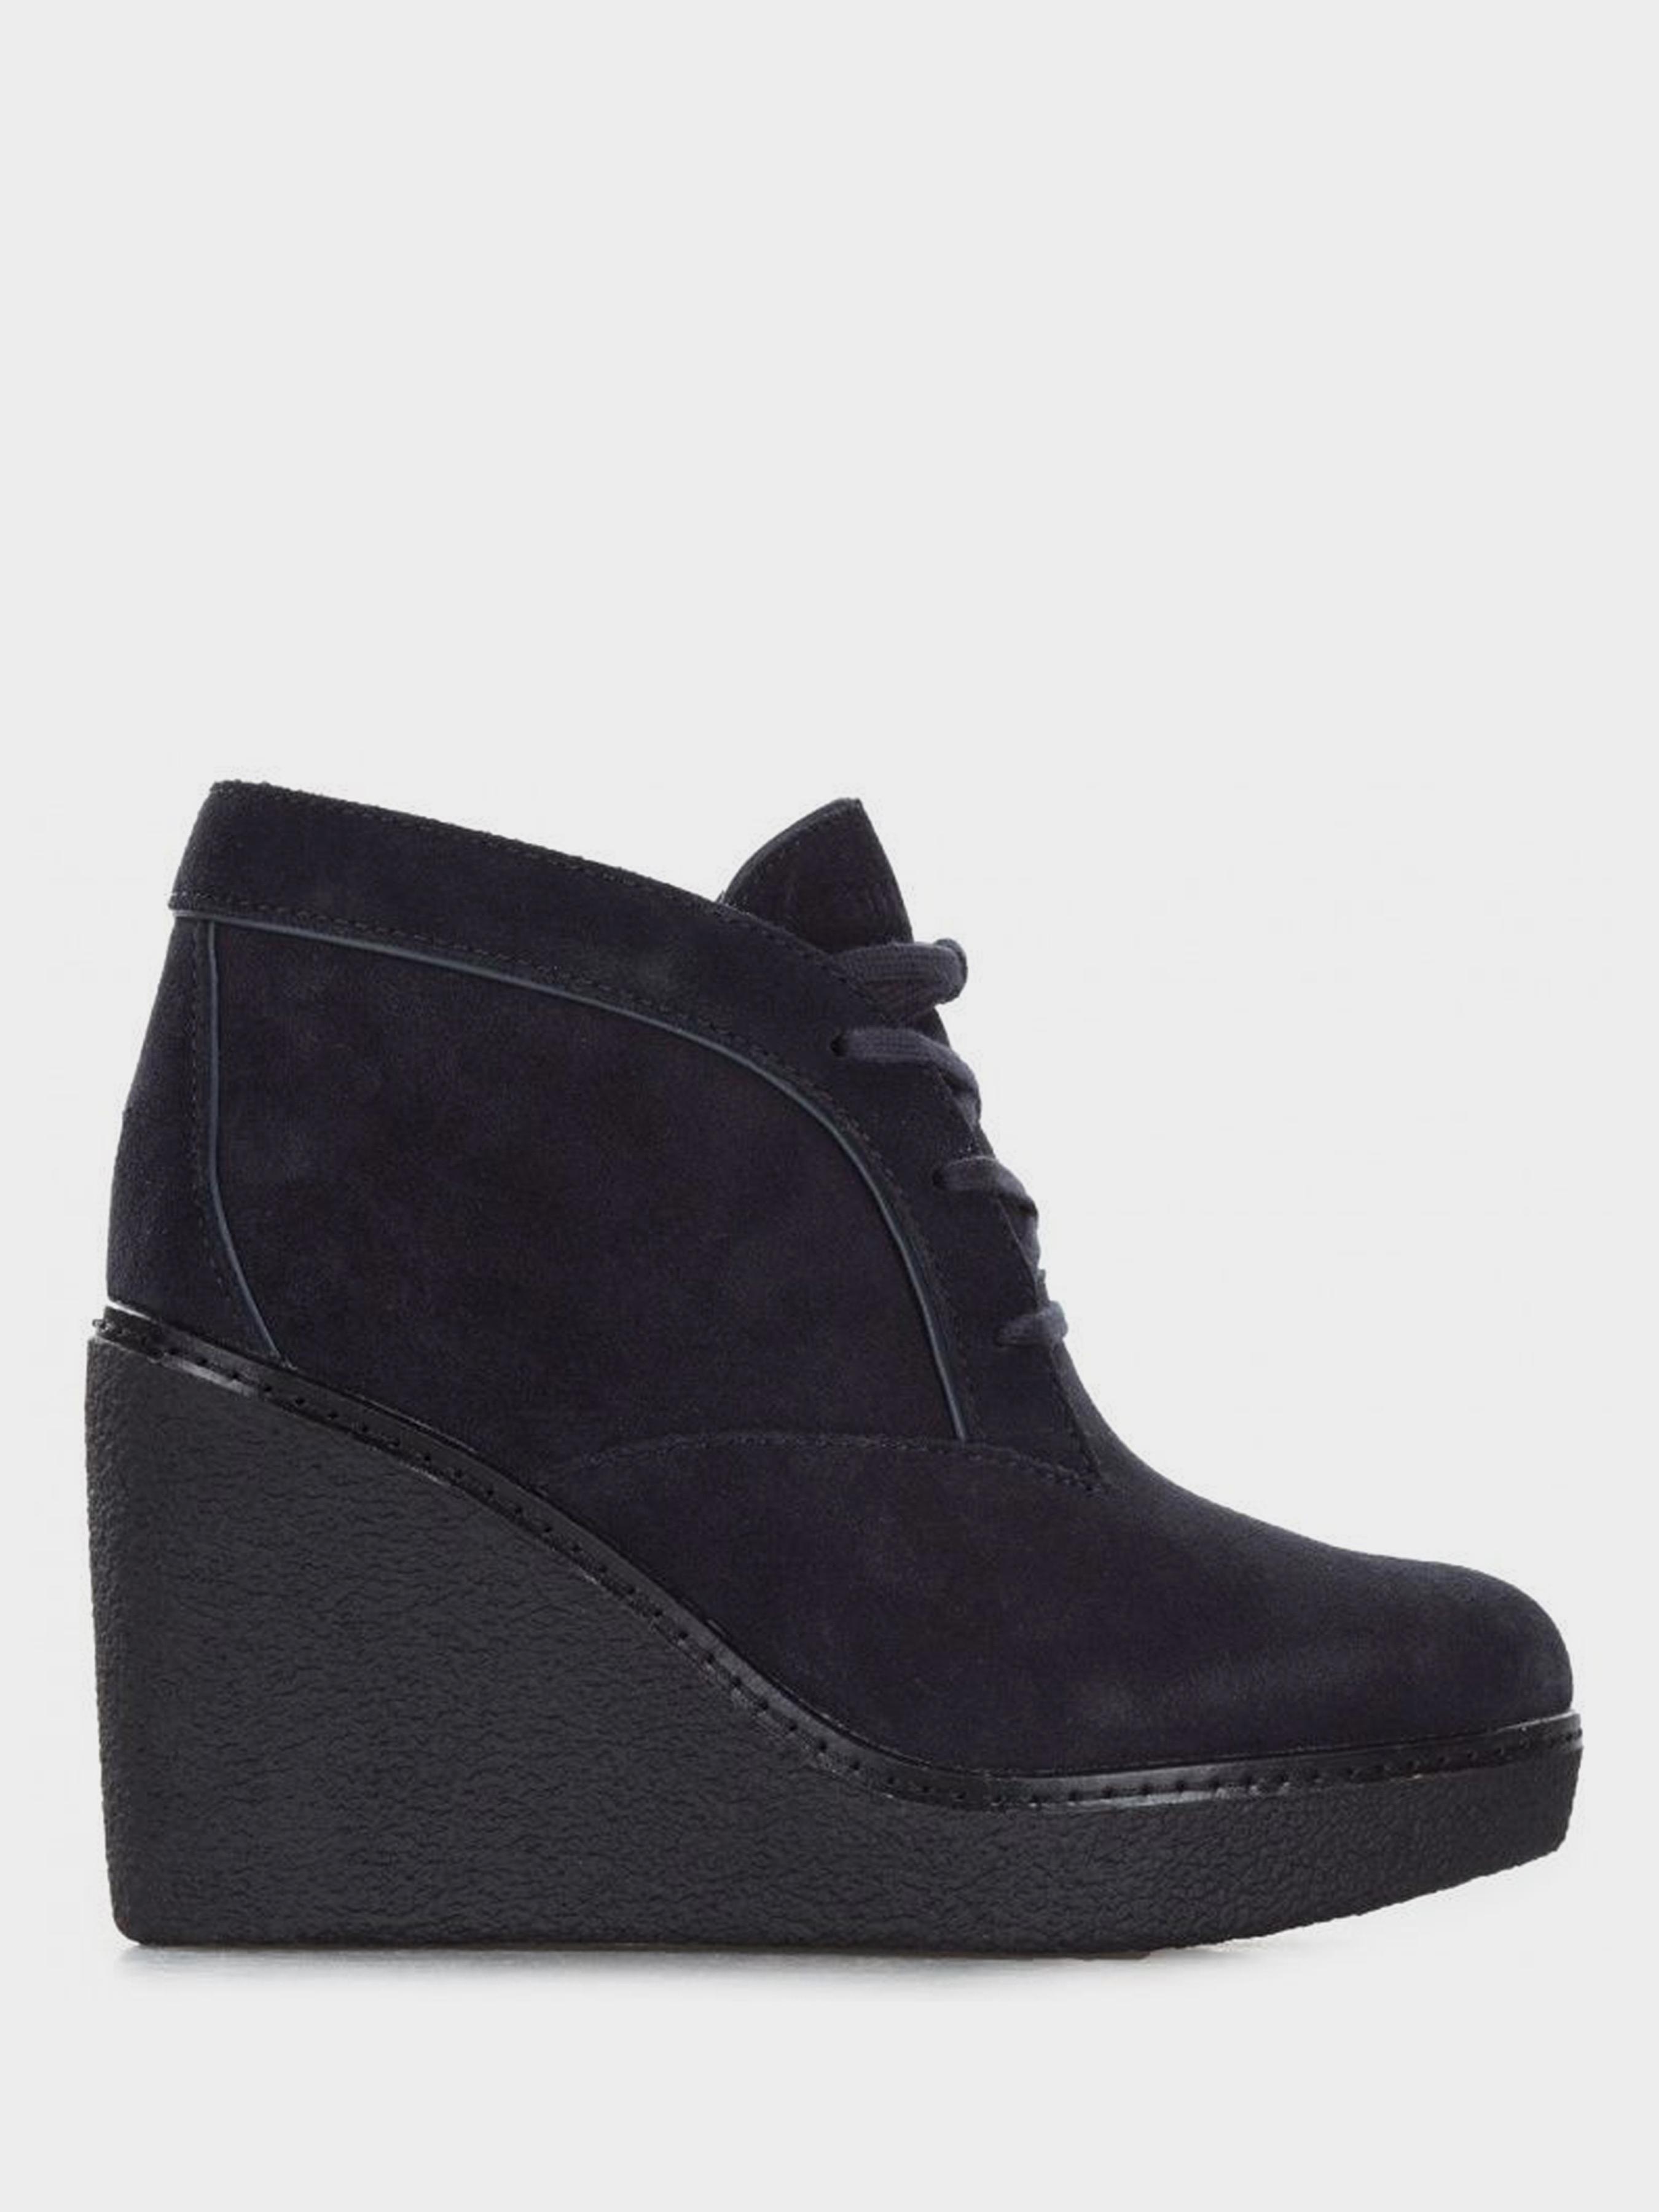 Купить Ботинки для женщин Tommy Hilfiger TD1162, Синий